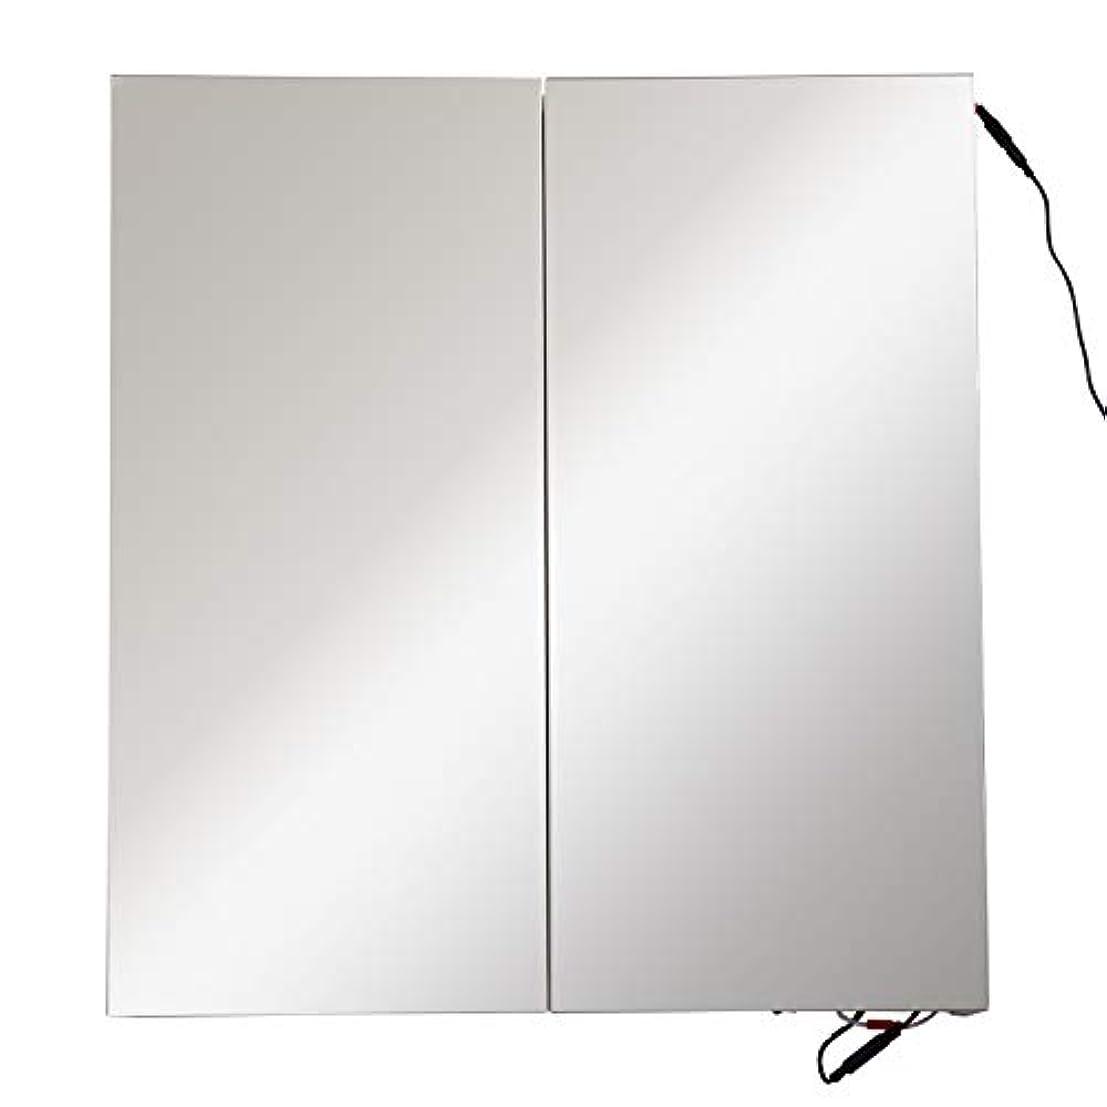 プログラム正午有益な壁掛け LED 浴室 鏡面 キャビネット 薬 収納 クローゼット オーク 25インチx27インチ